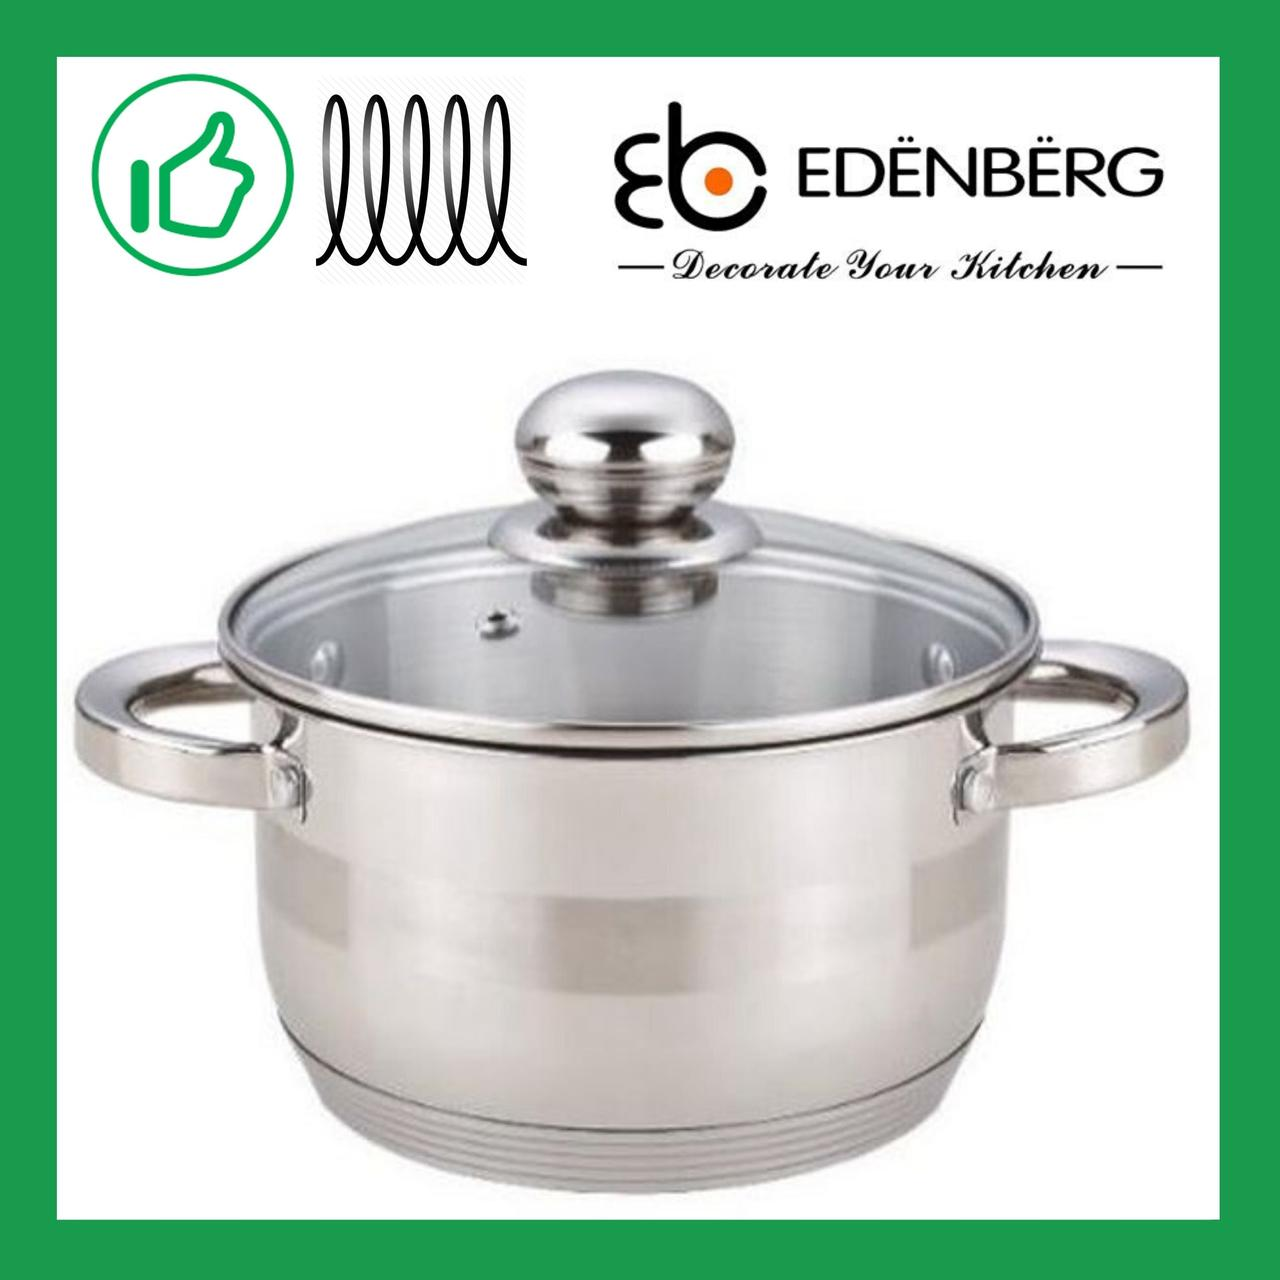 Кастрюля 4.0 л из нержавеющей стали с крышкой Edenberg (EB-3006)